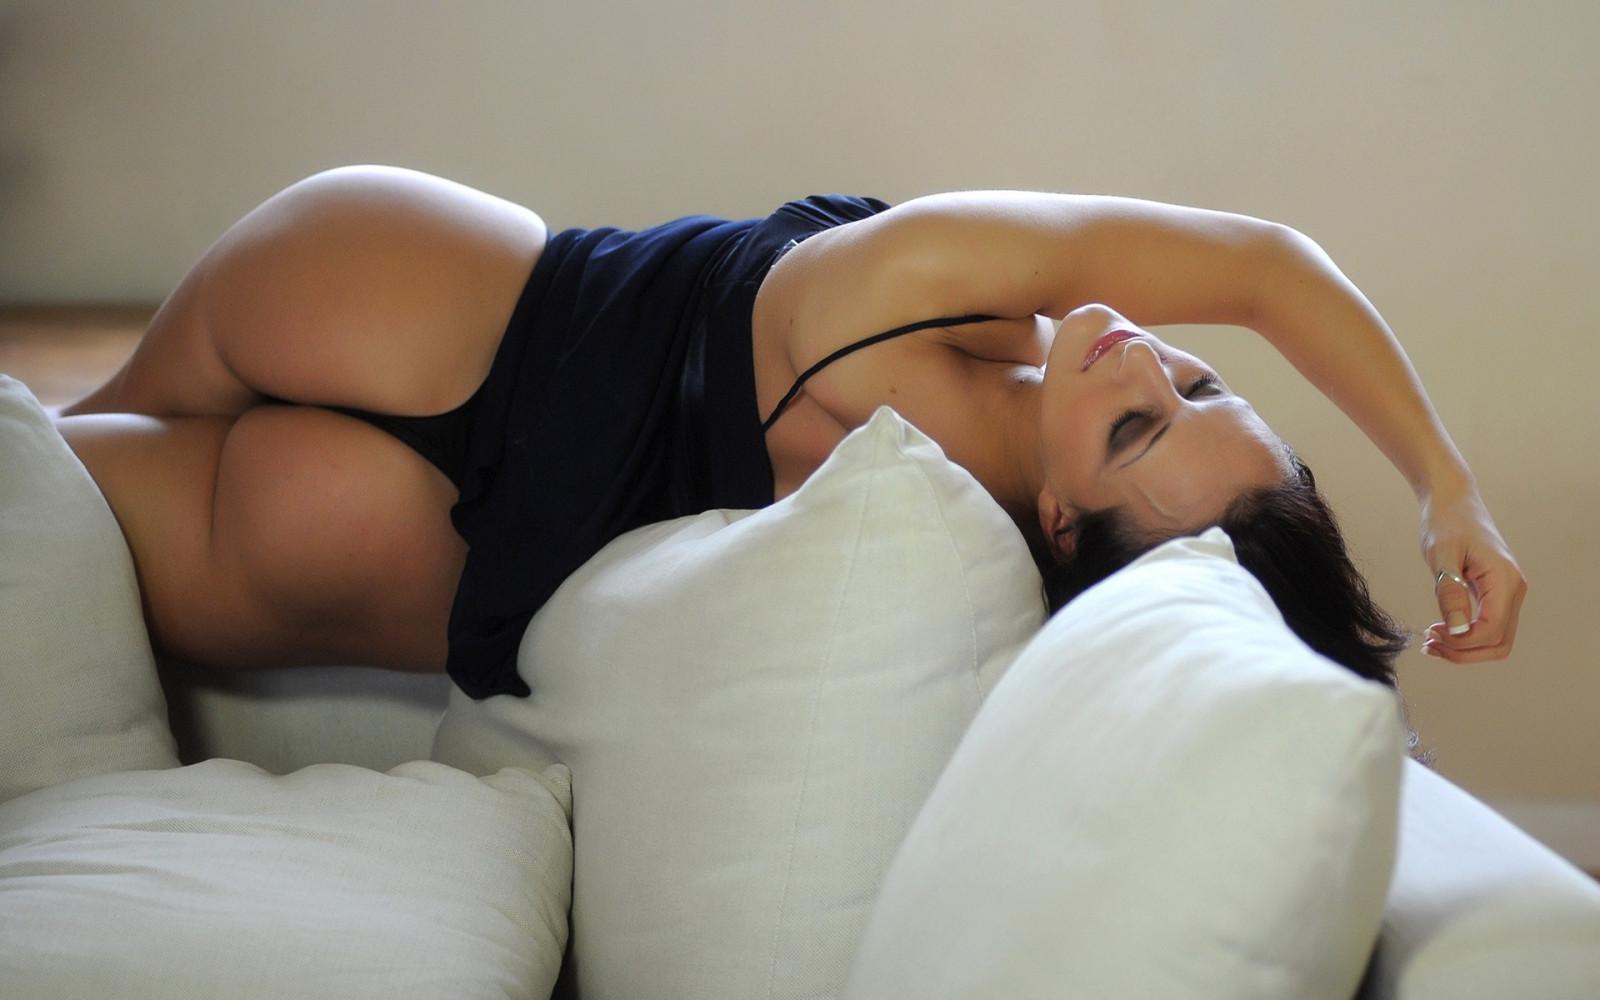 Спит hd gjhyj, Порно со спящими девушками 13 фотография